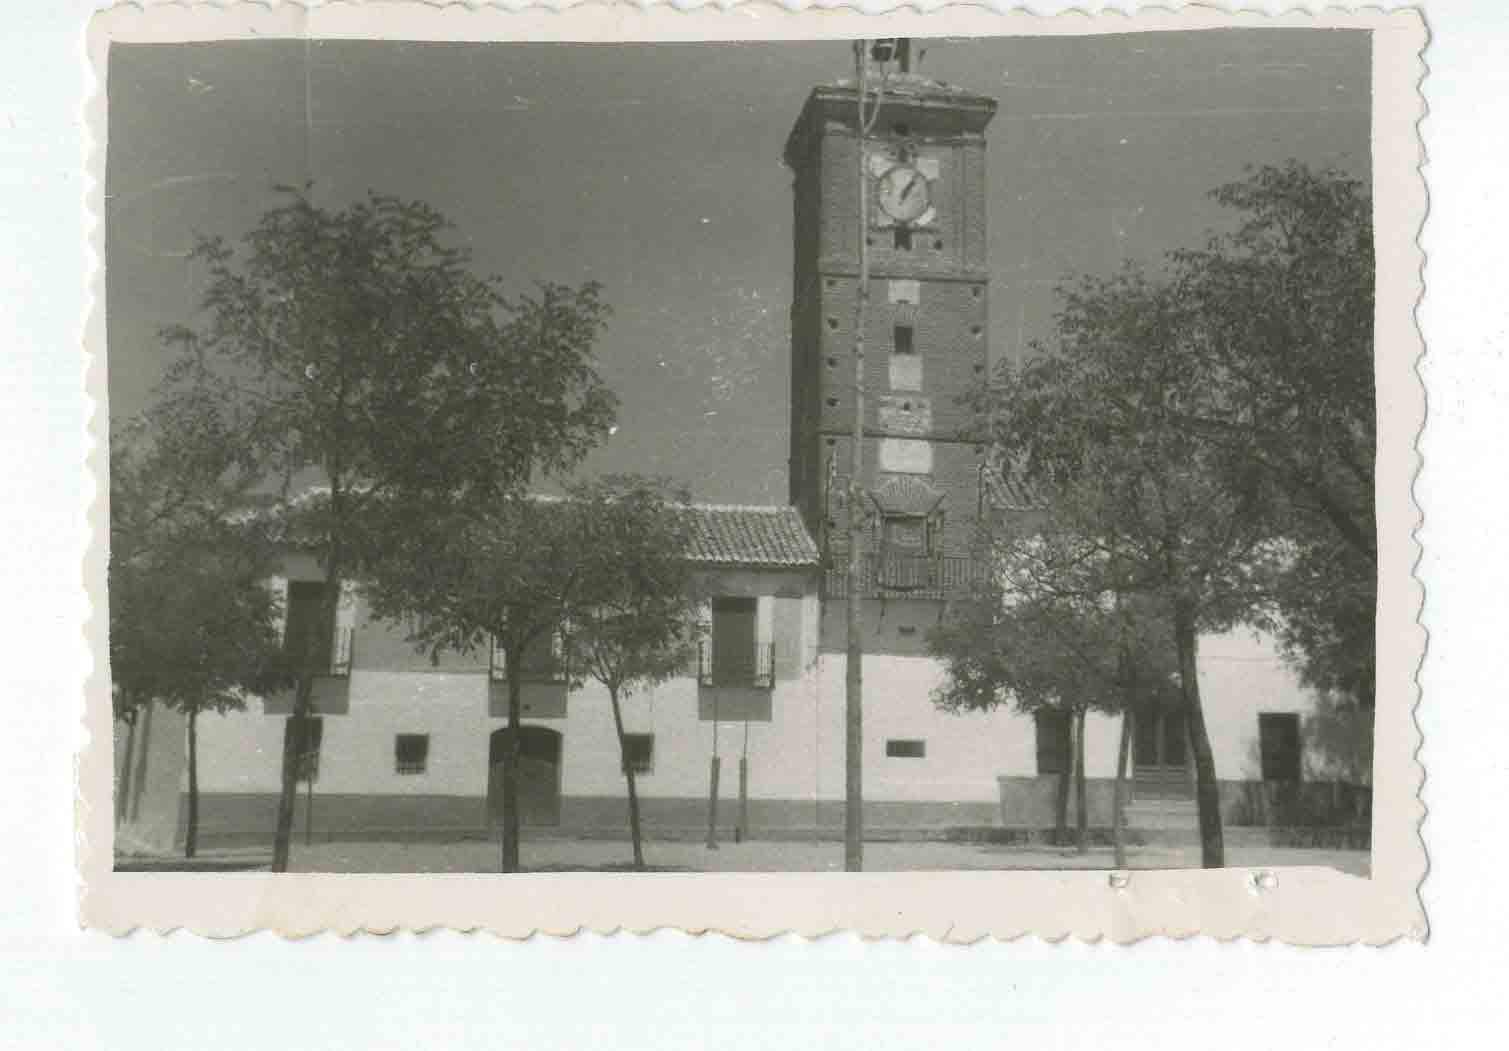 Val de Santo Domingo. Casa Ayuntamiento. 1960 (P-1453)